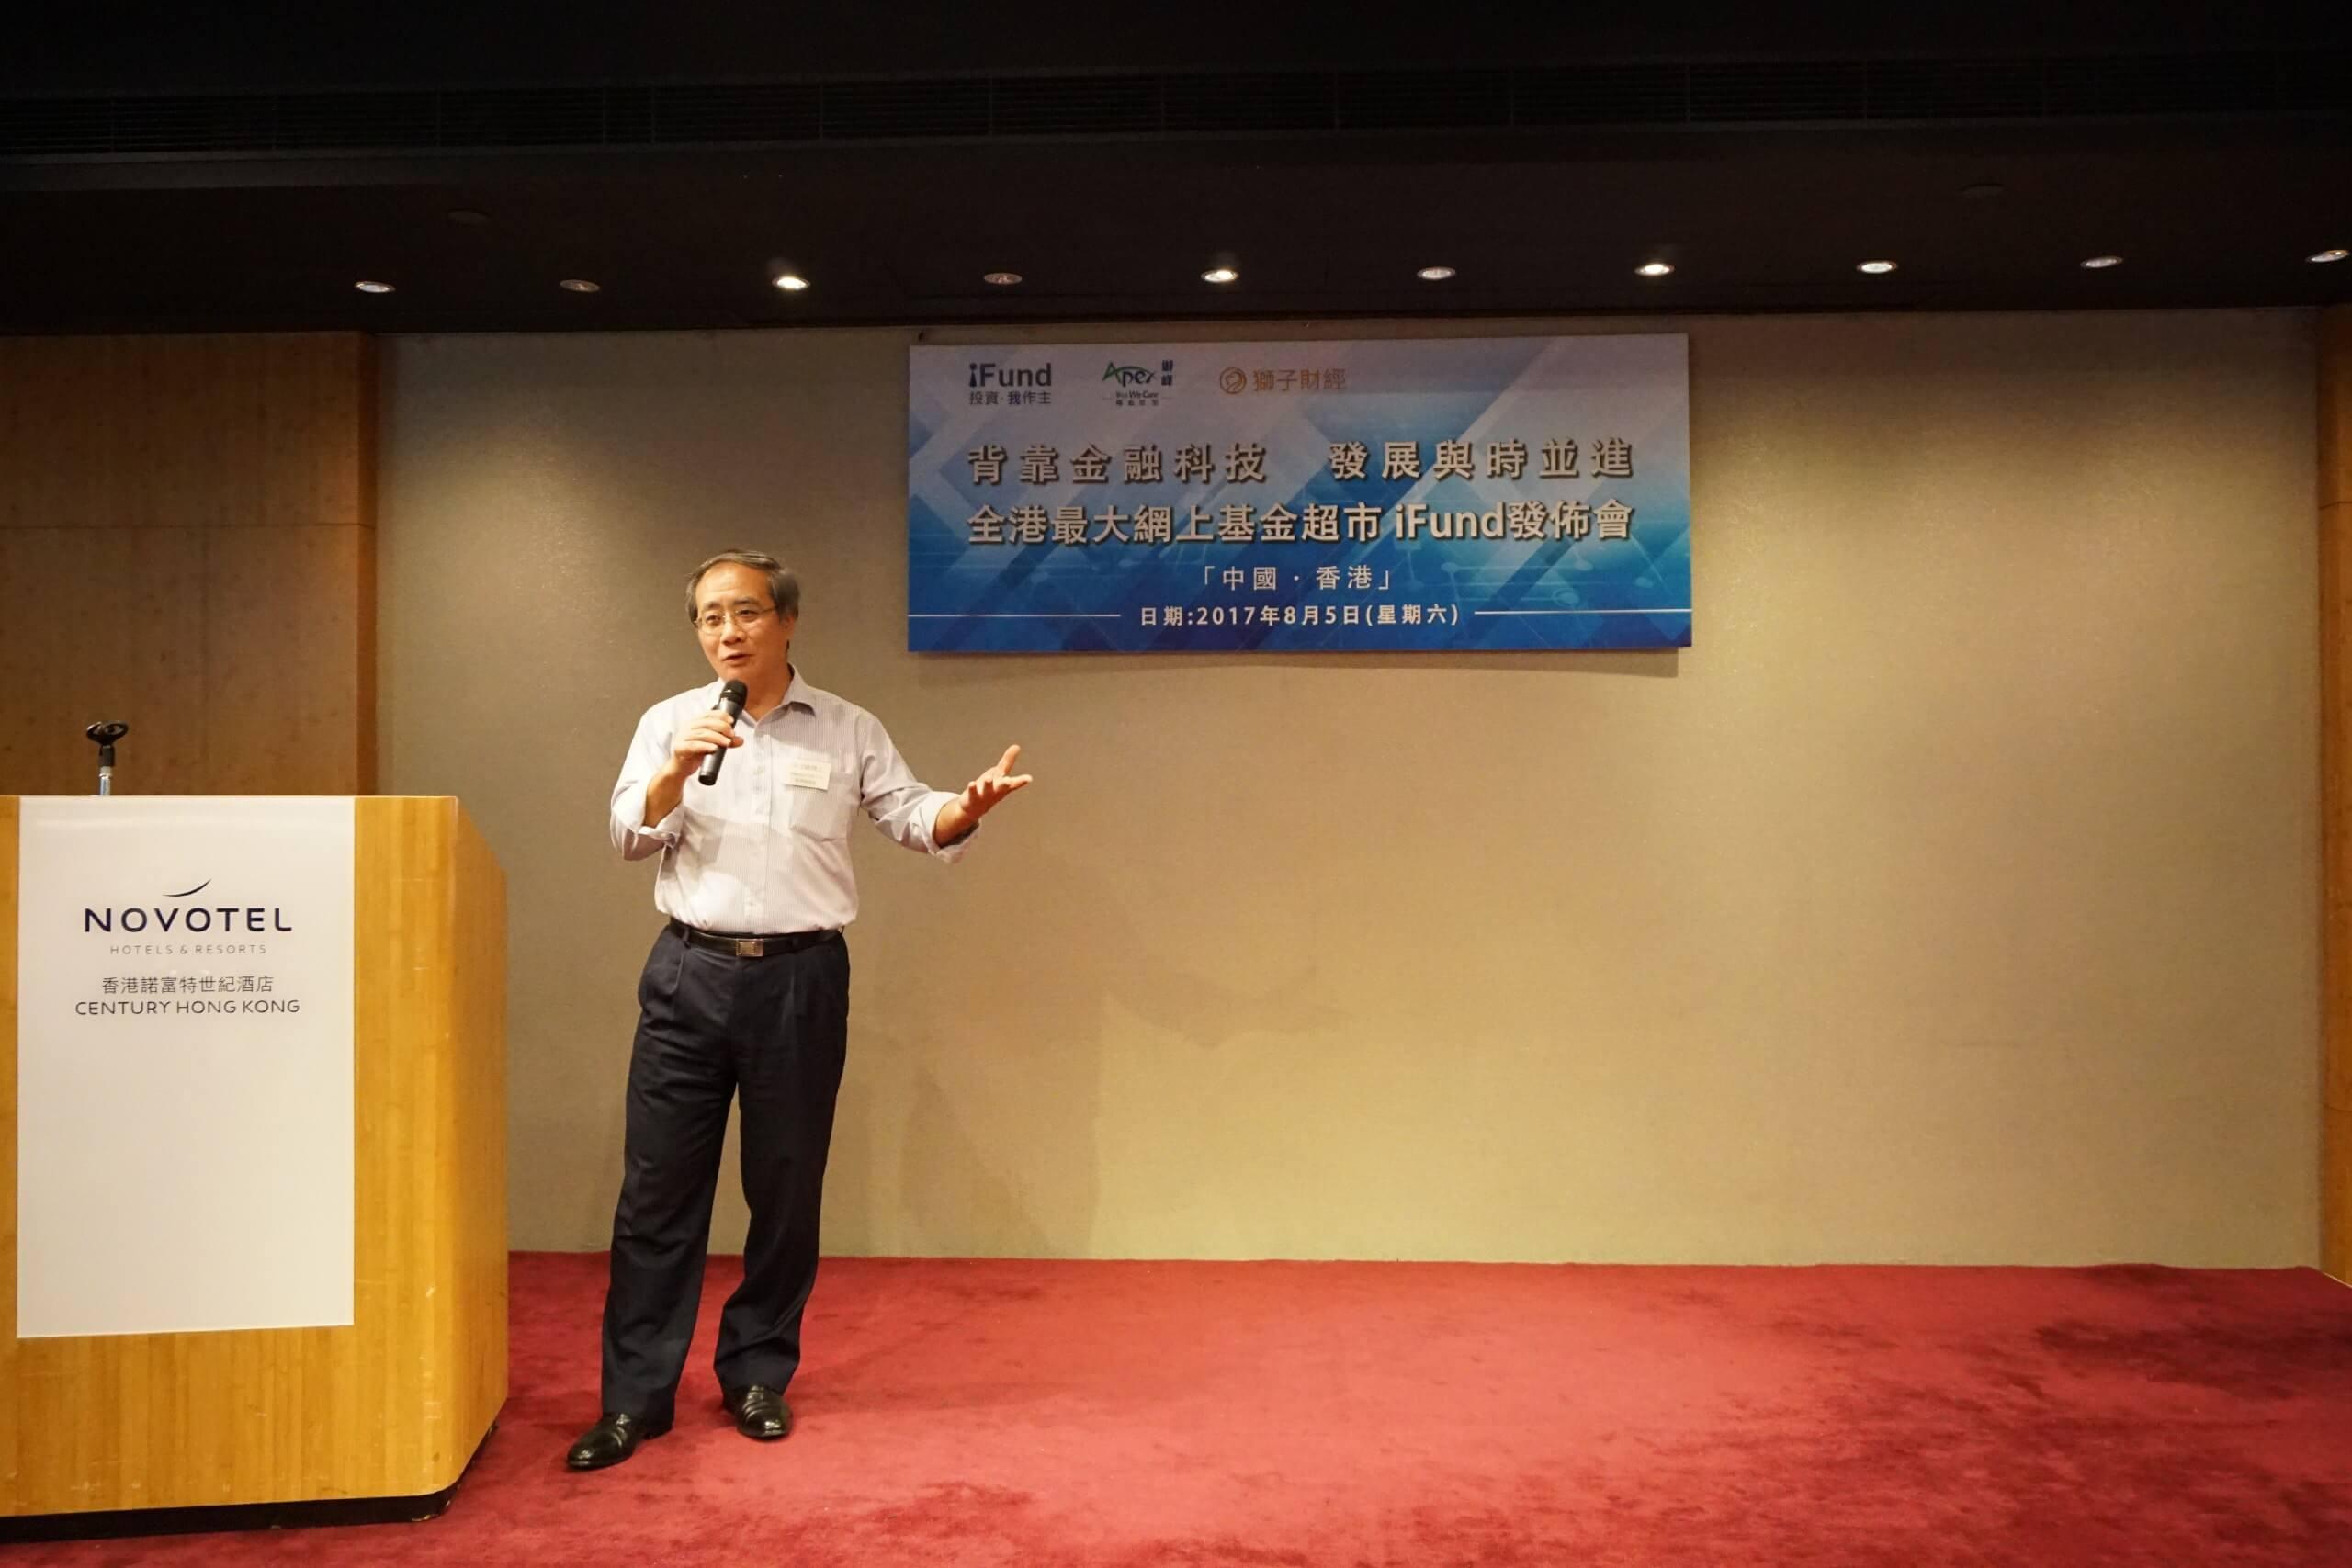 御峰理財董事總經理陳茂峰博士在發佈會上宣佈御峰決定從傳統的財富管理業務蛻變成一間互聯網公司。